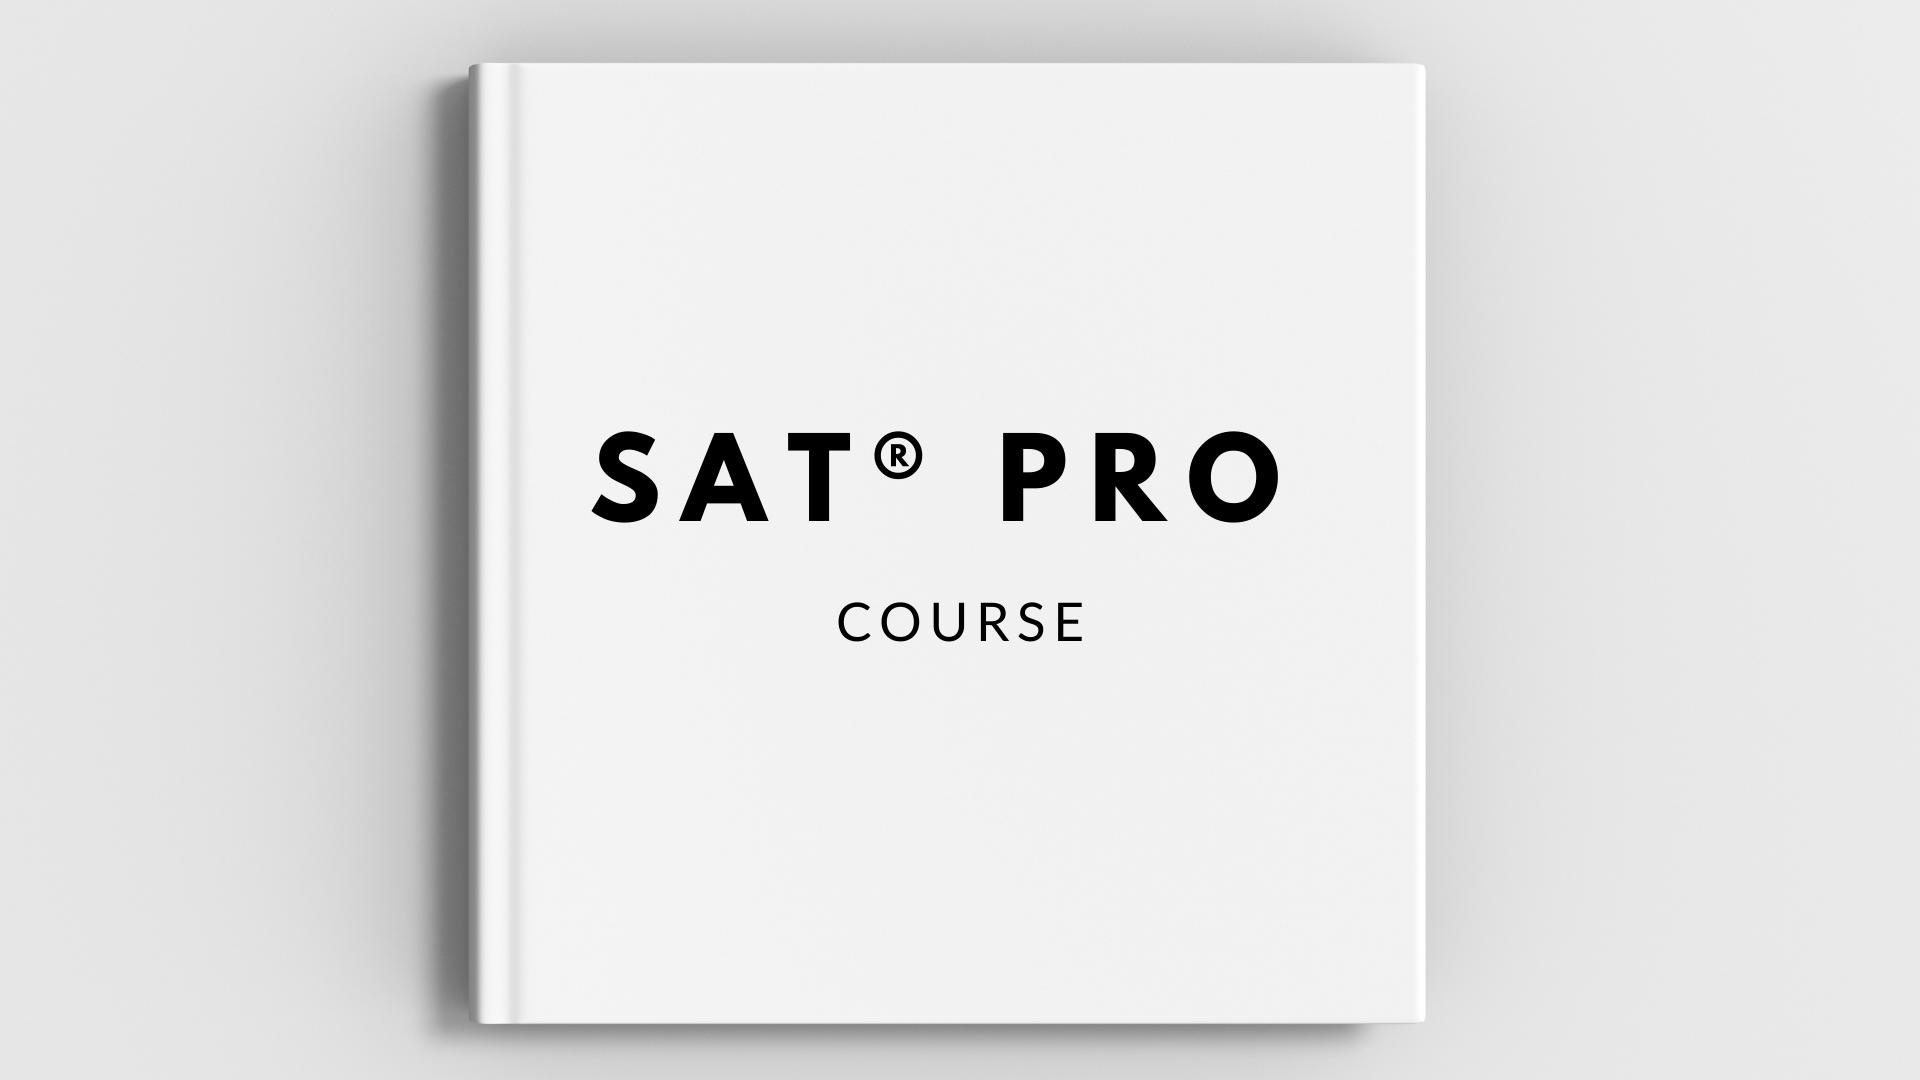 SAT® PRO COURSE